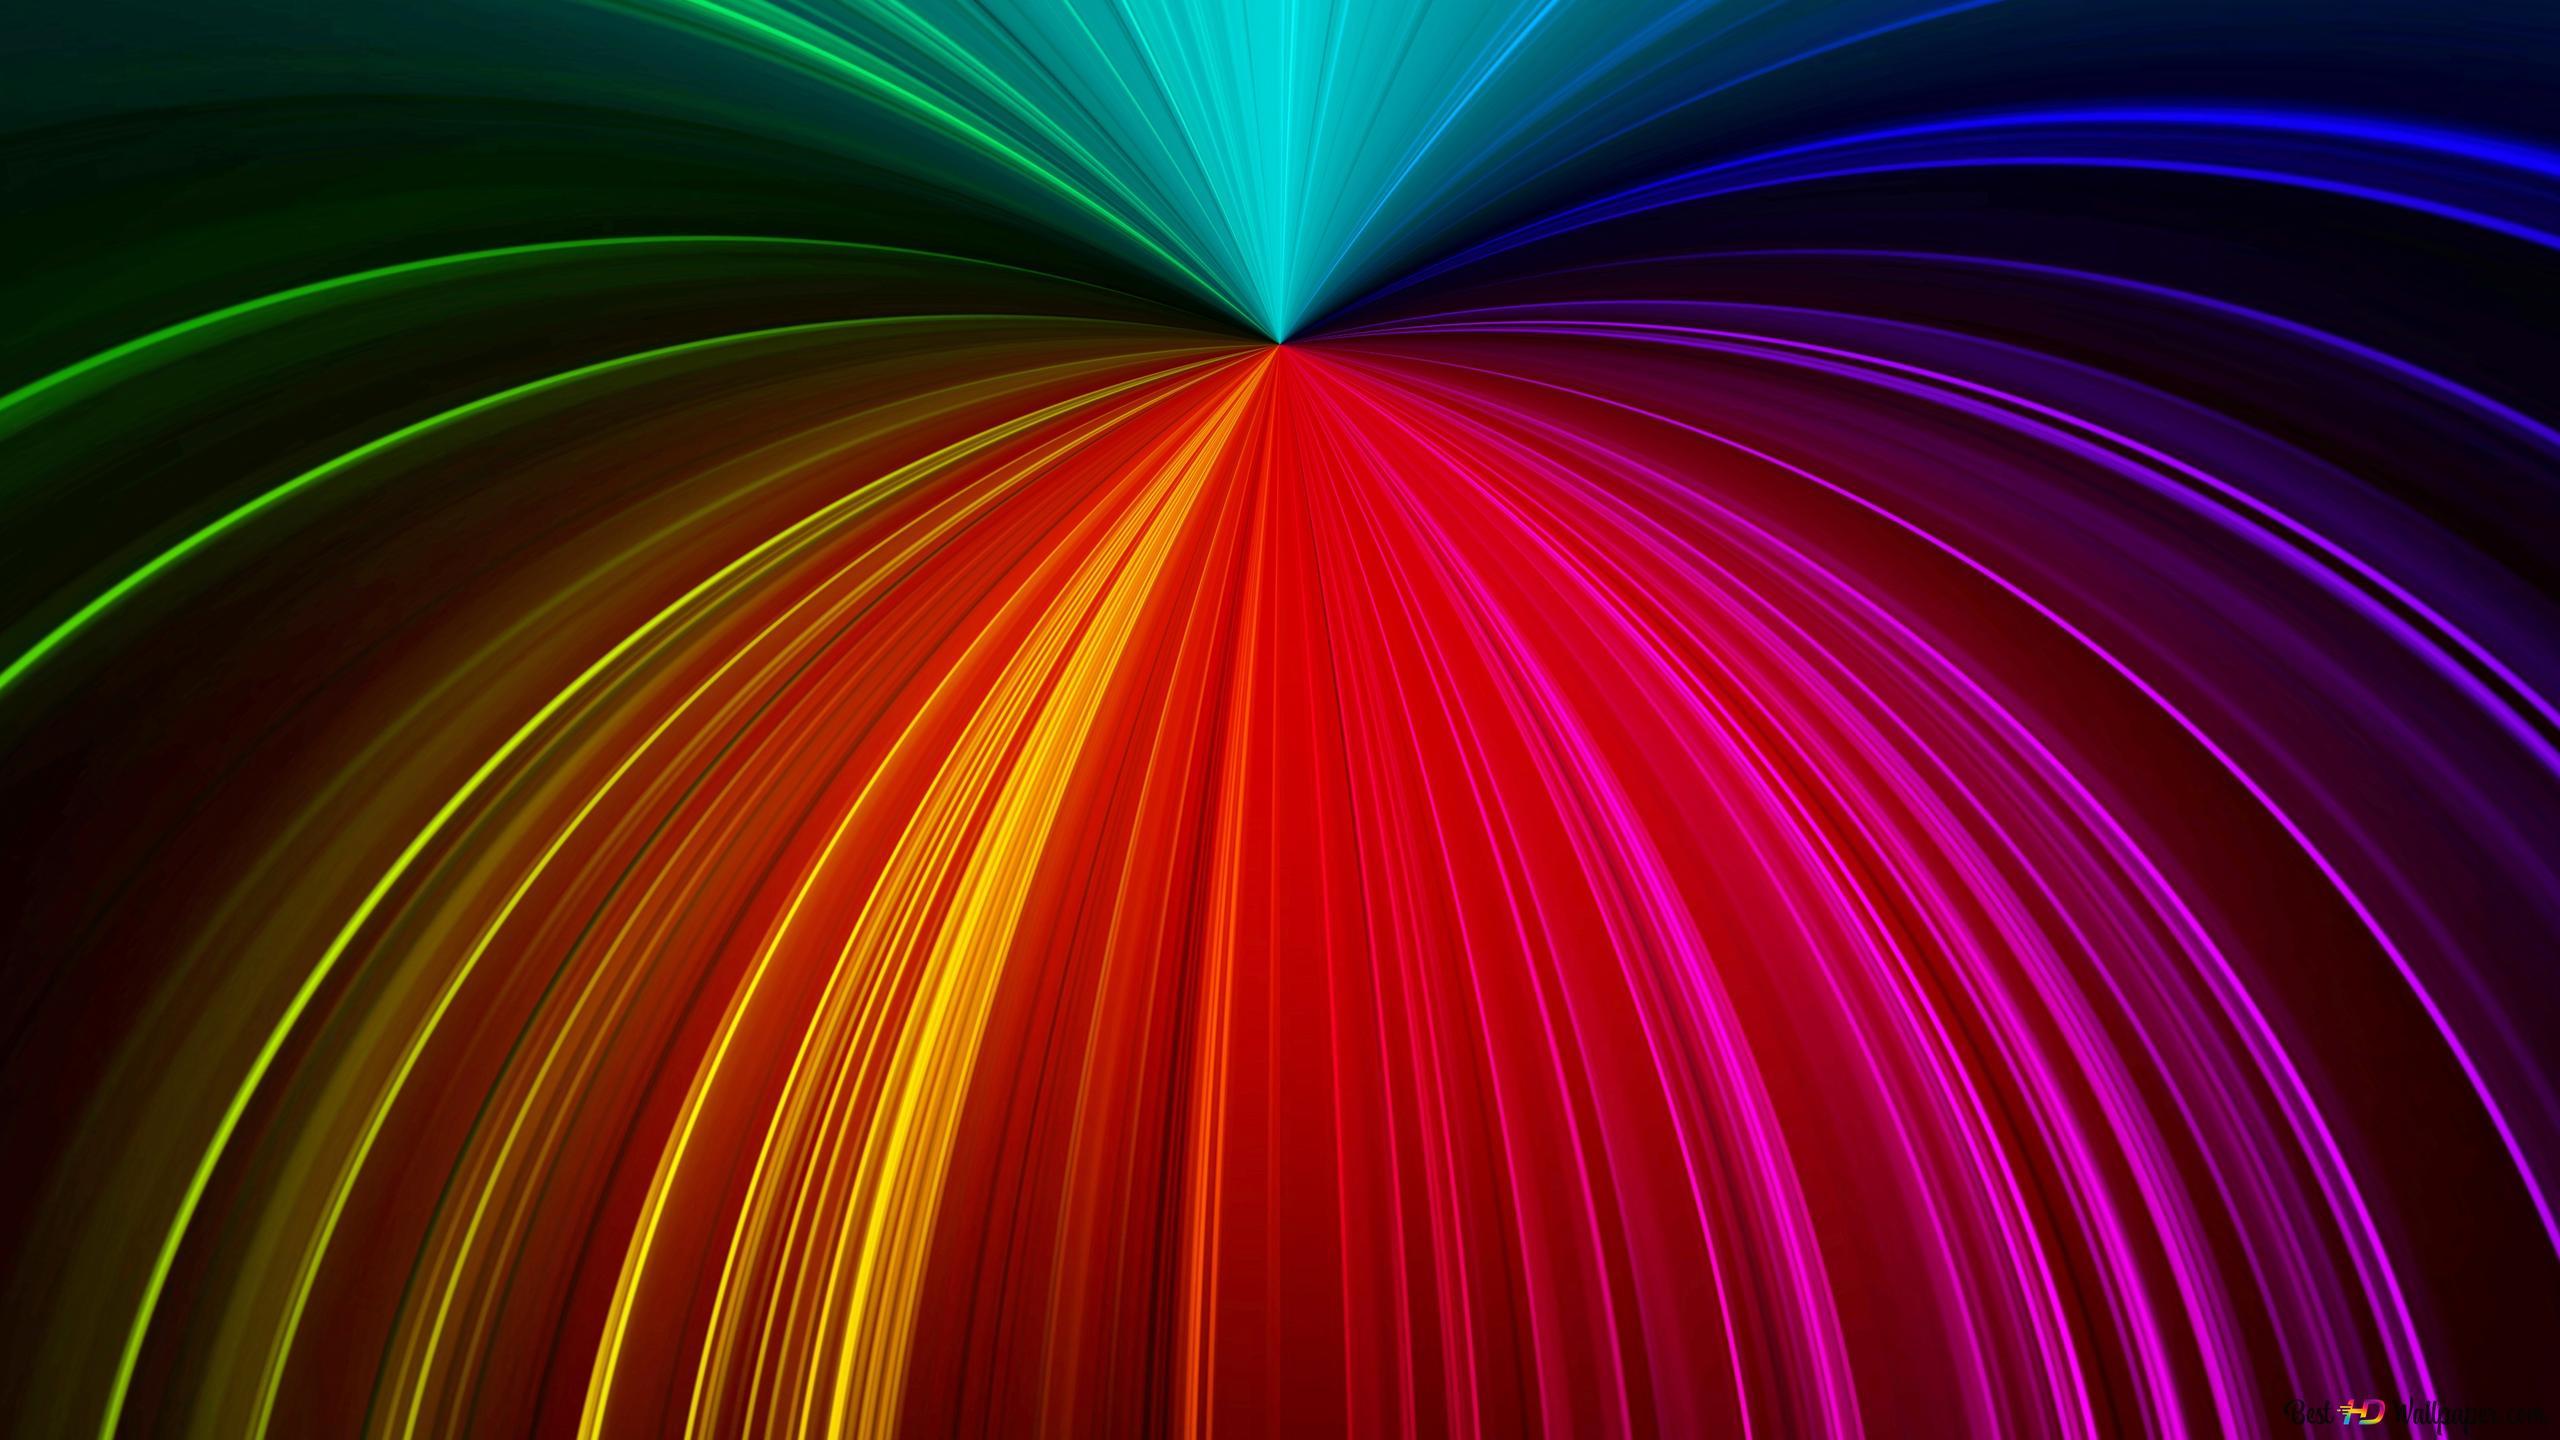 Rainbow Umbrella Hd Wallpaper Download